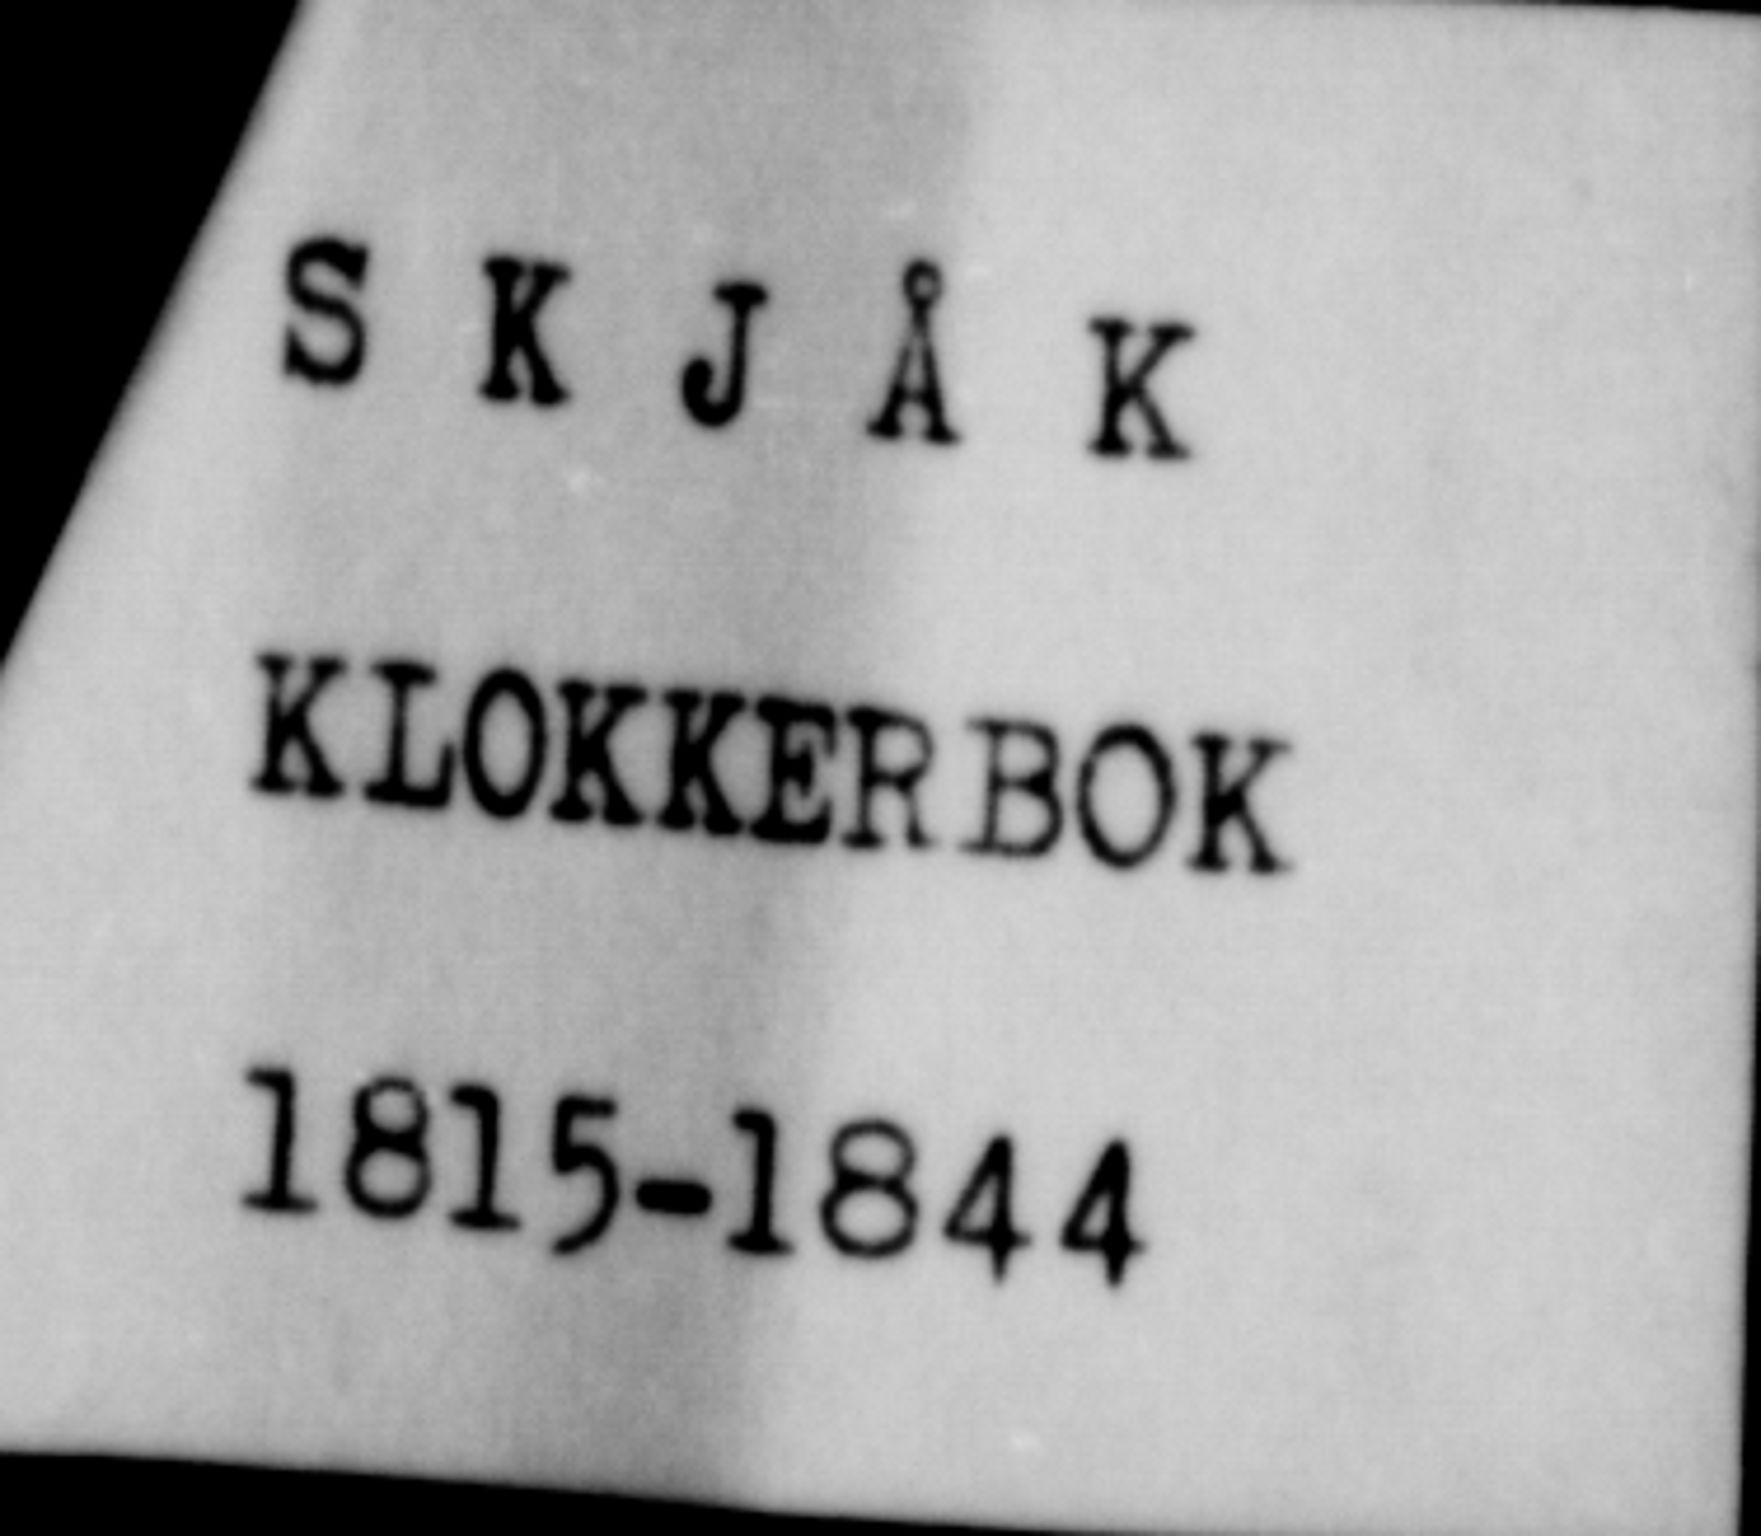 SAH, Lom prestekontor, L/L0003: Klokkerbok nr. 3, 1815-1844